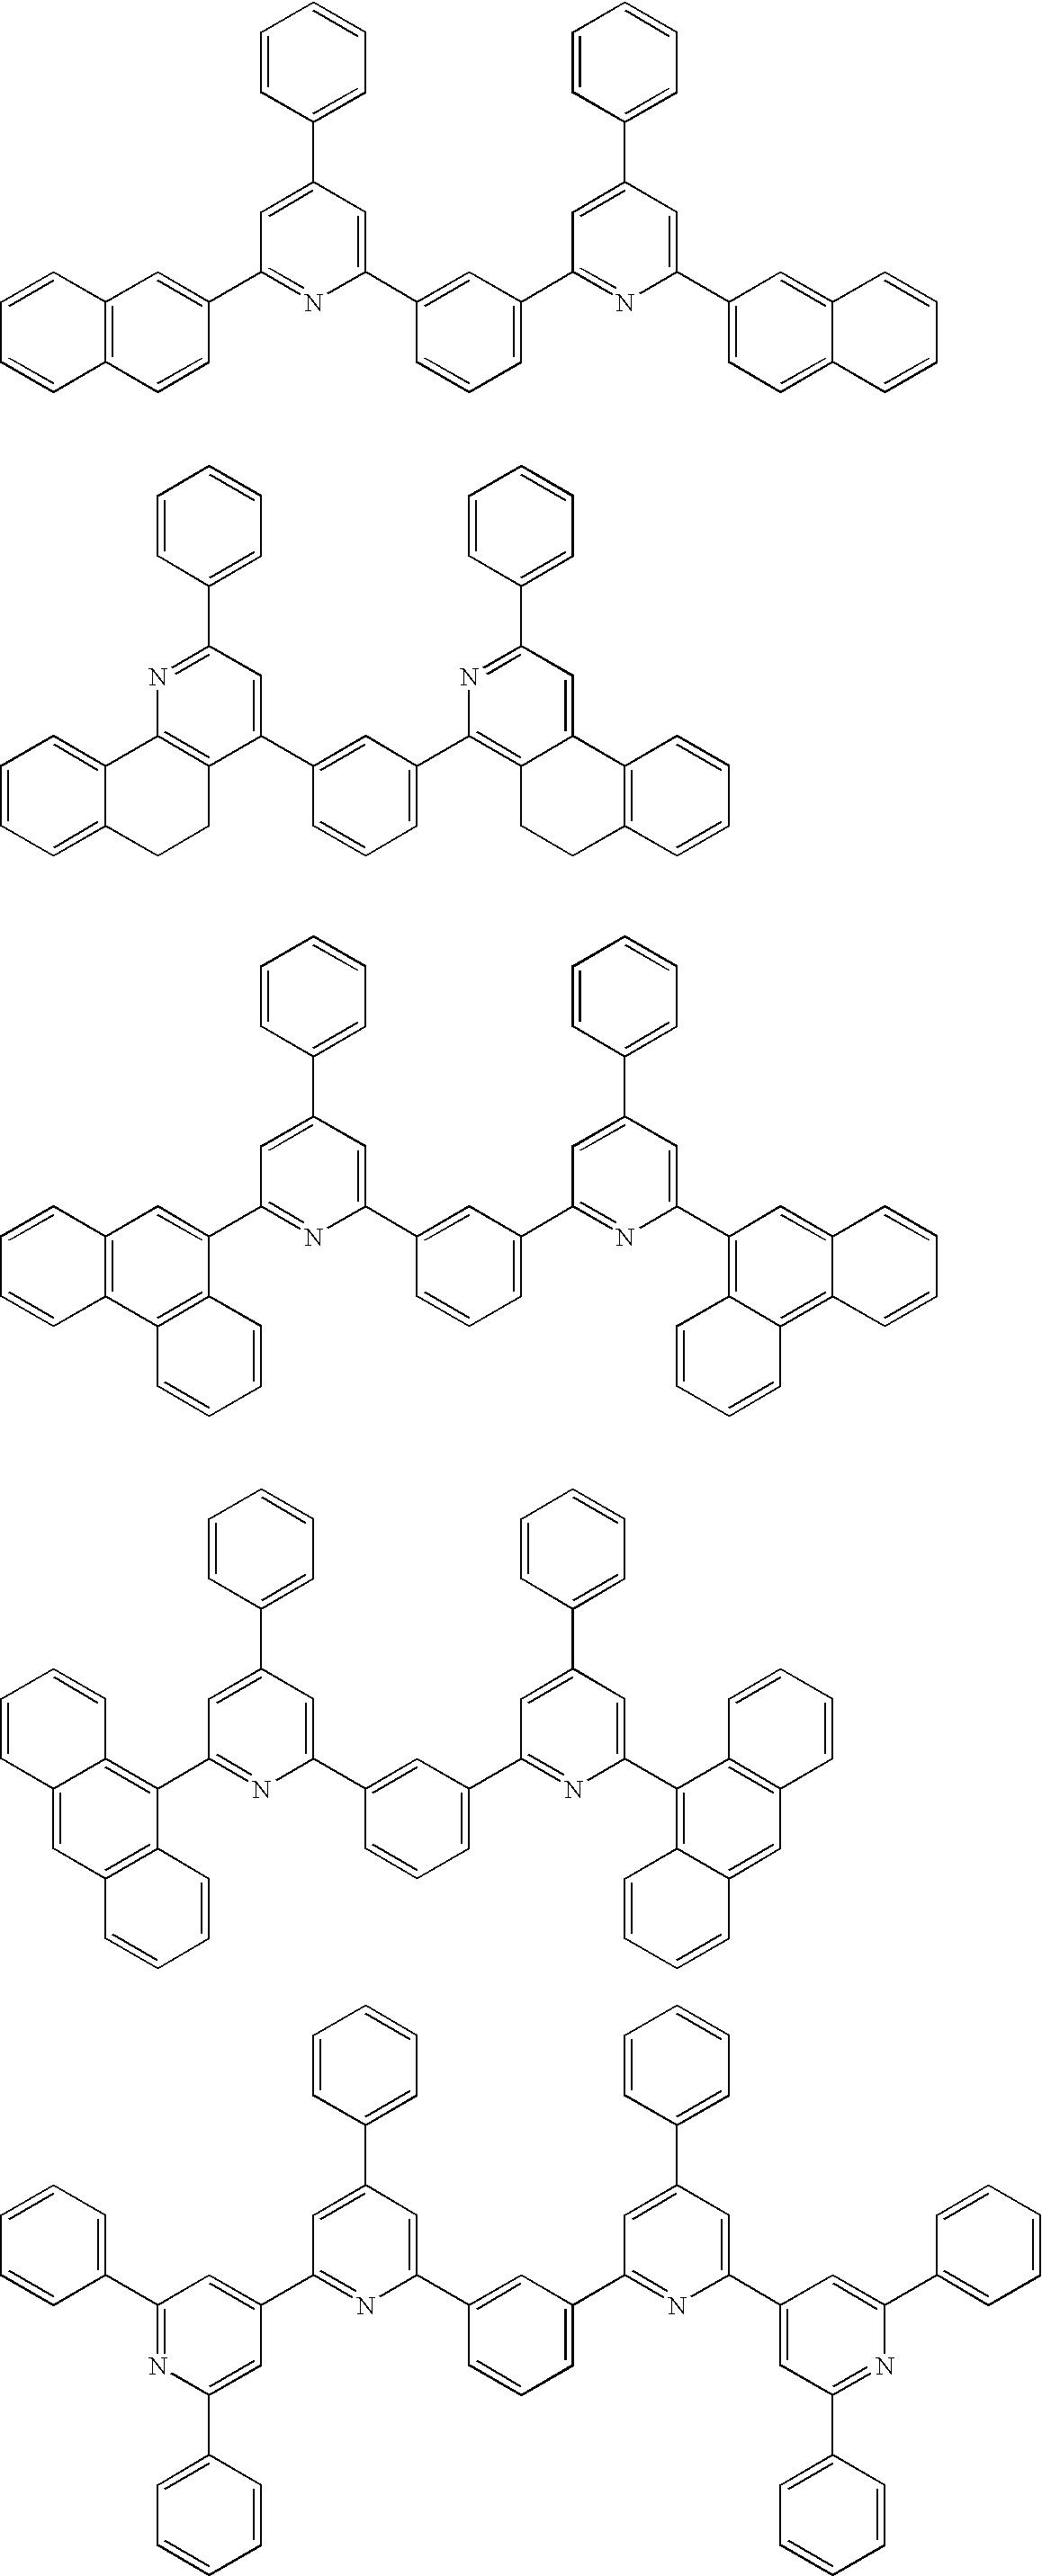 Figure US20060186796A1-20060824-C00037